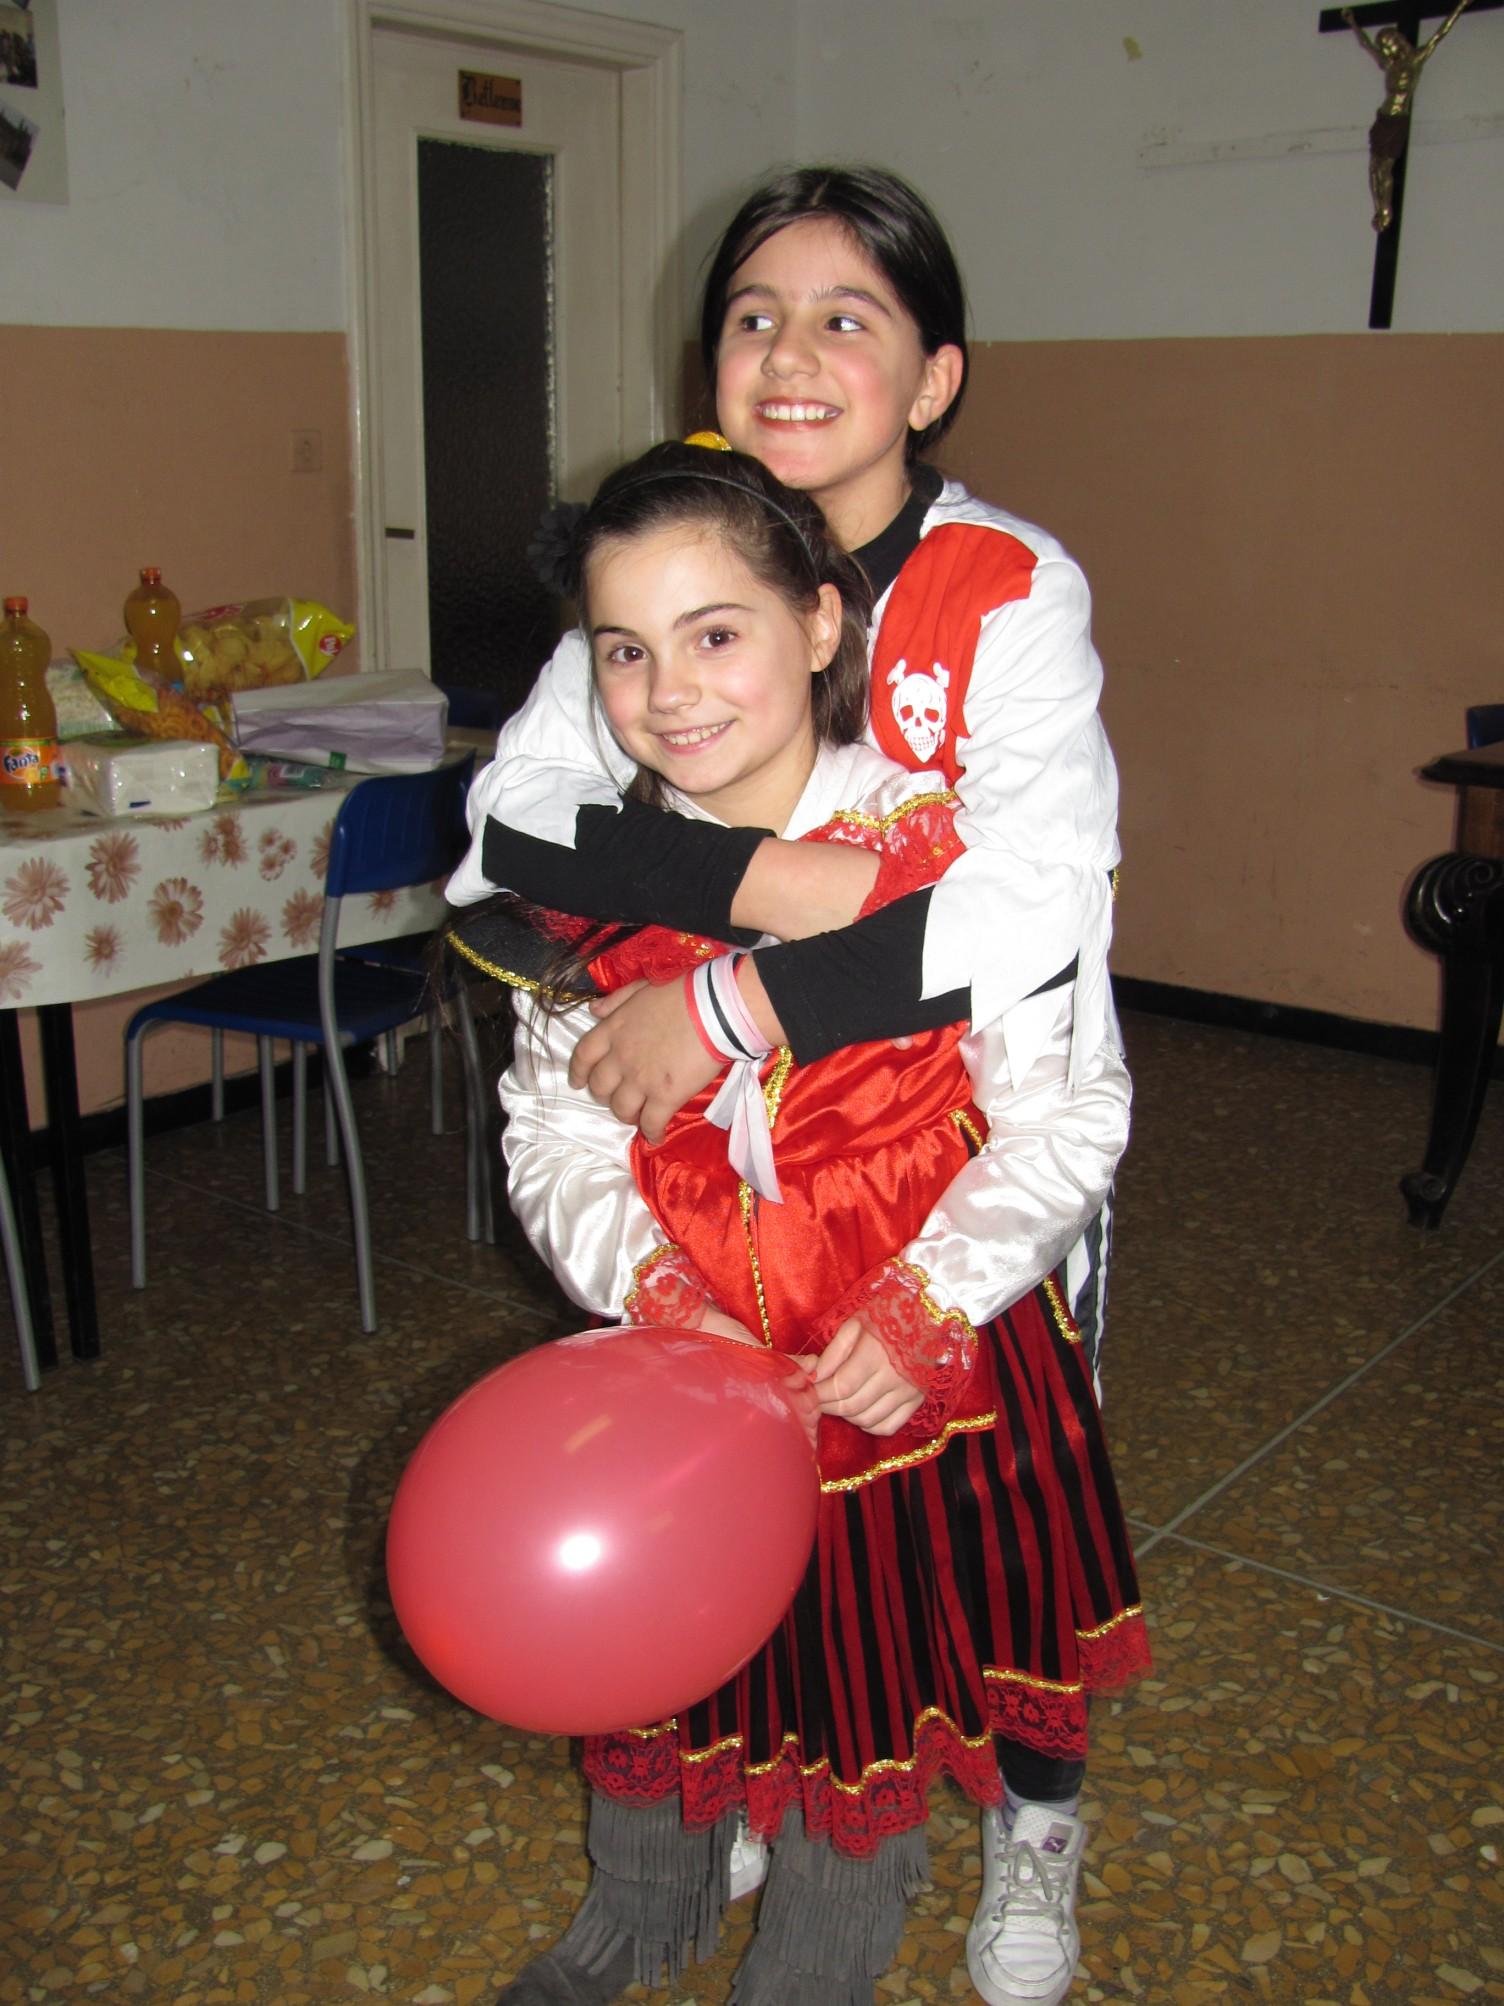 pentolaccia_2012-02-26-15-21-07